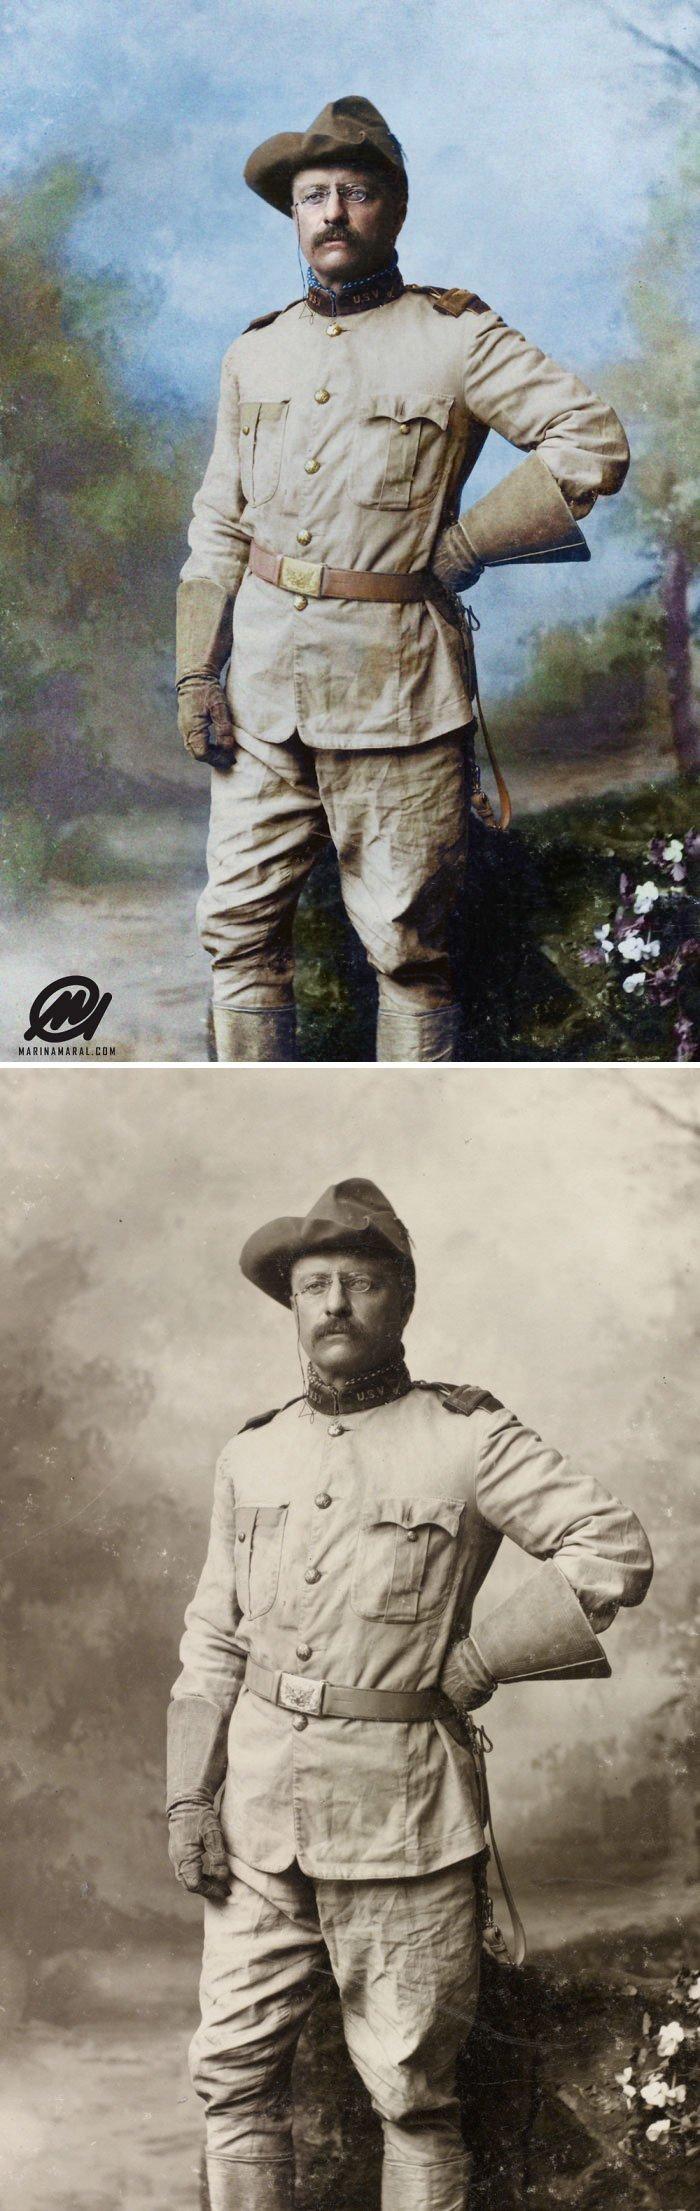 Теодор Рузвельт 26 октября 1898 года история, портрет, прошлое, событие, фотография, фотомир, цвет